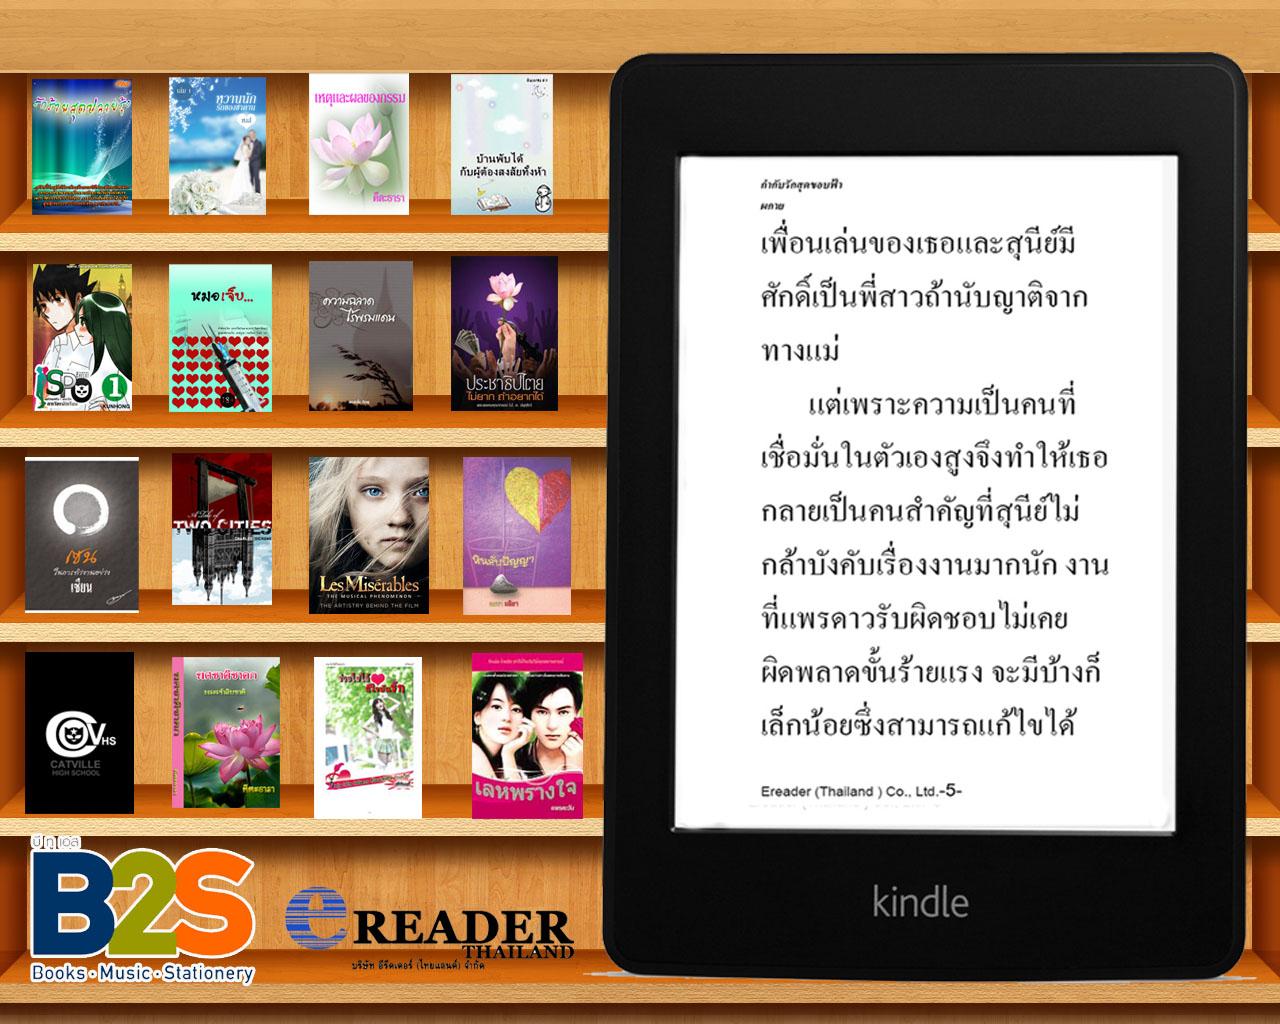 Kindle Kindle 1280x1024